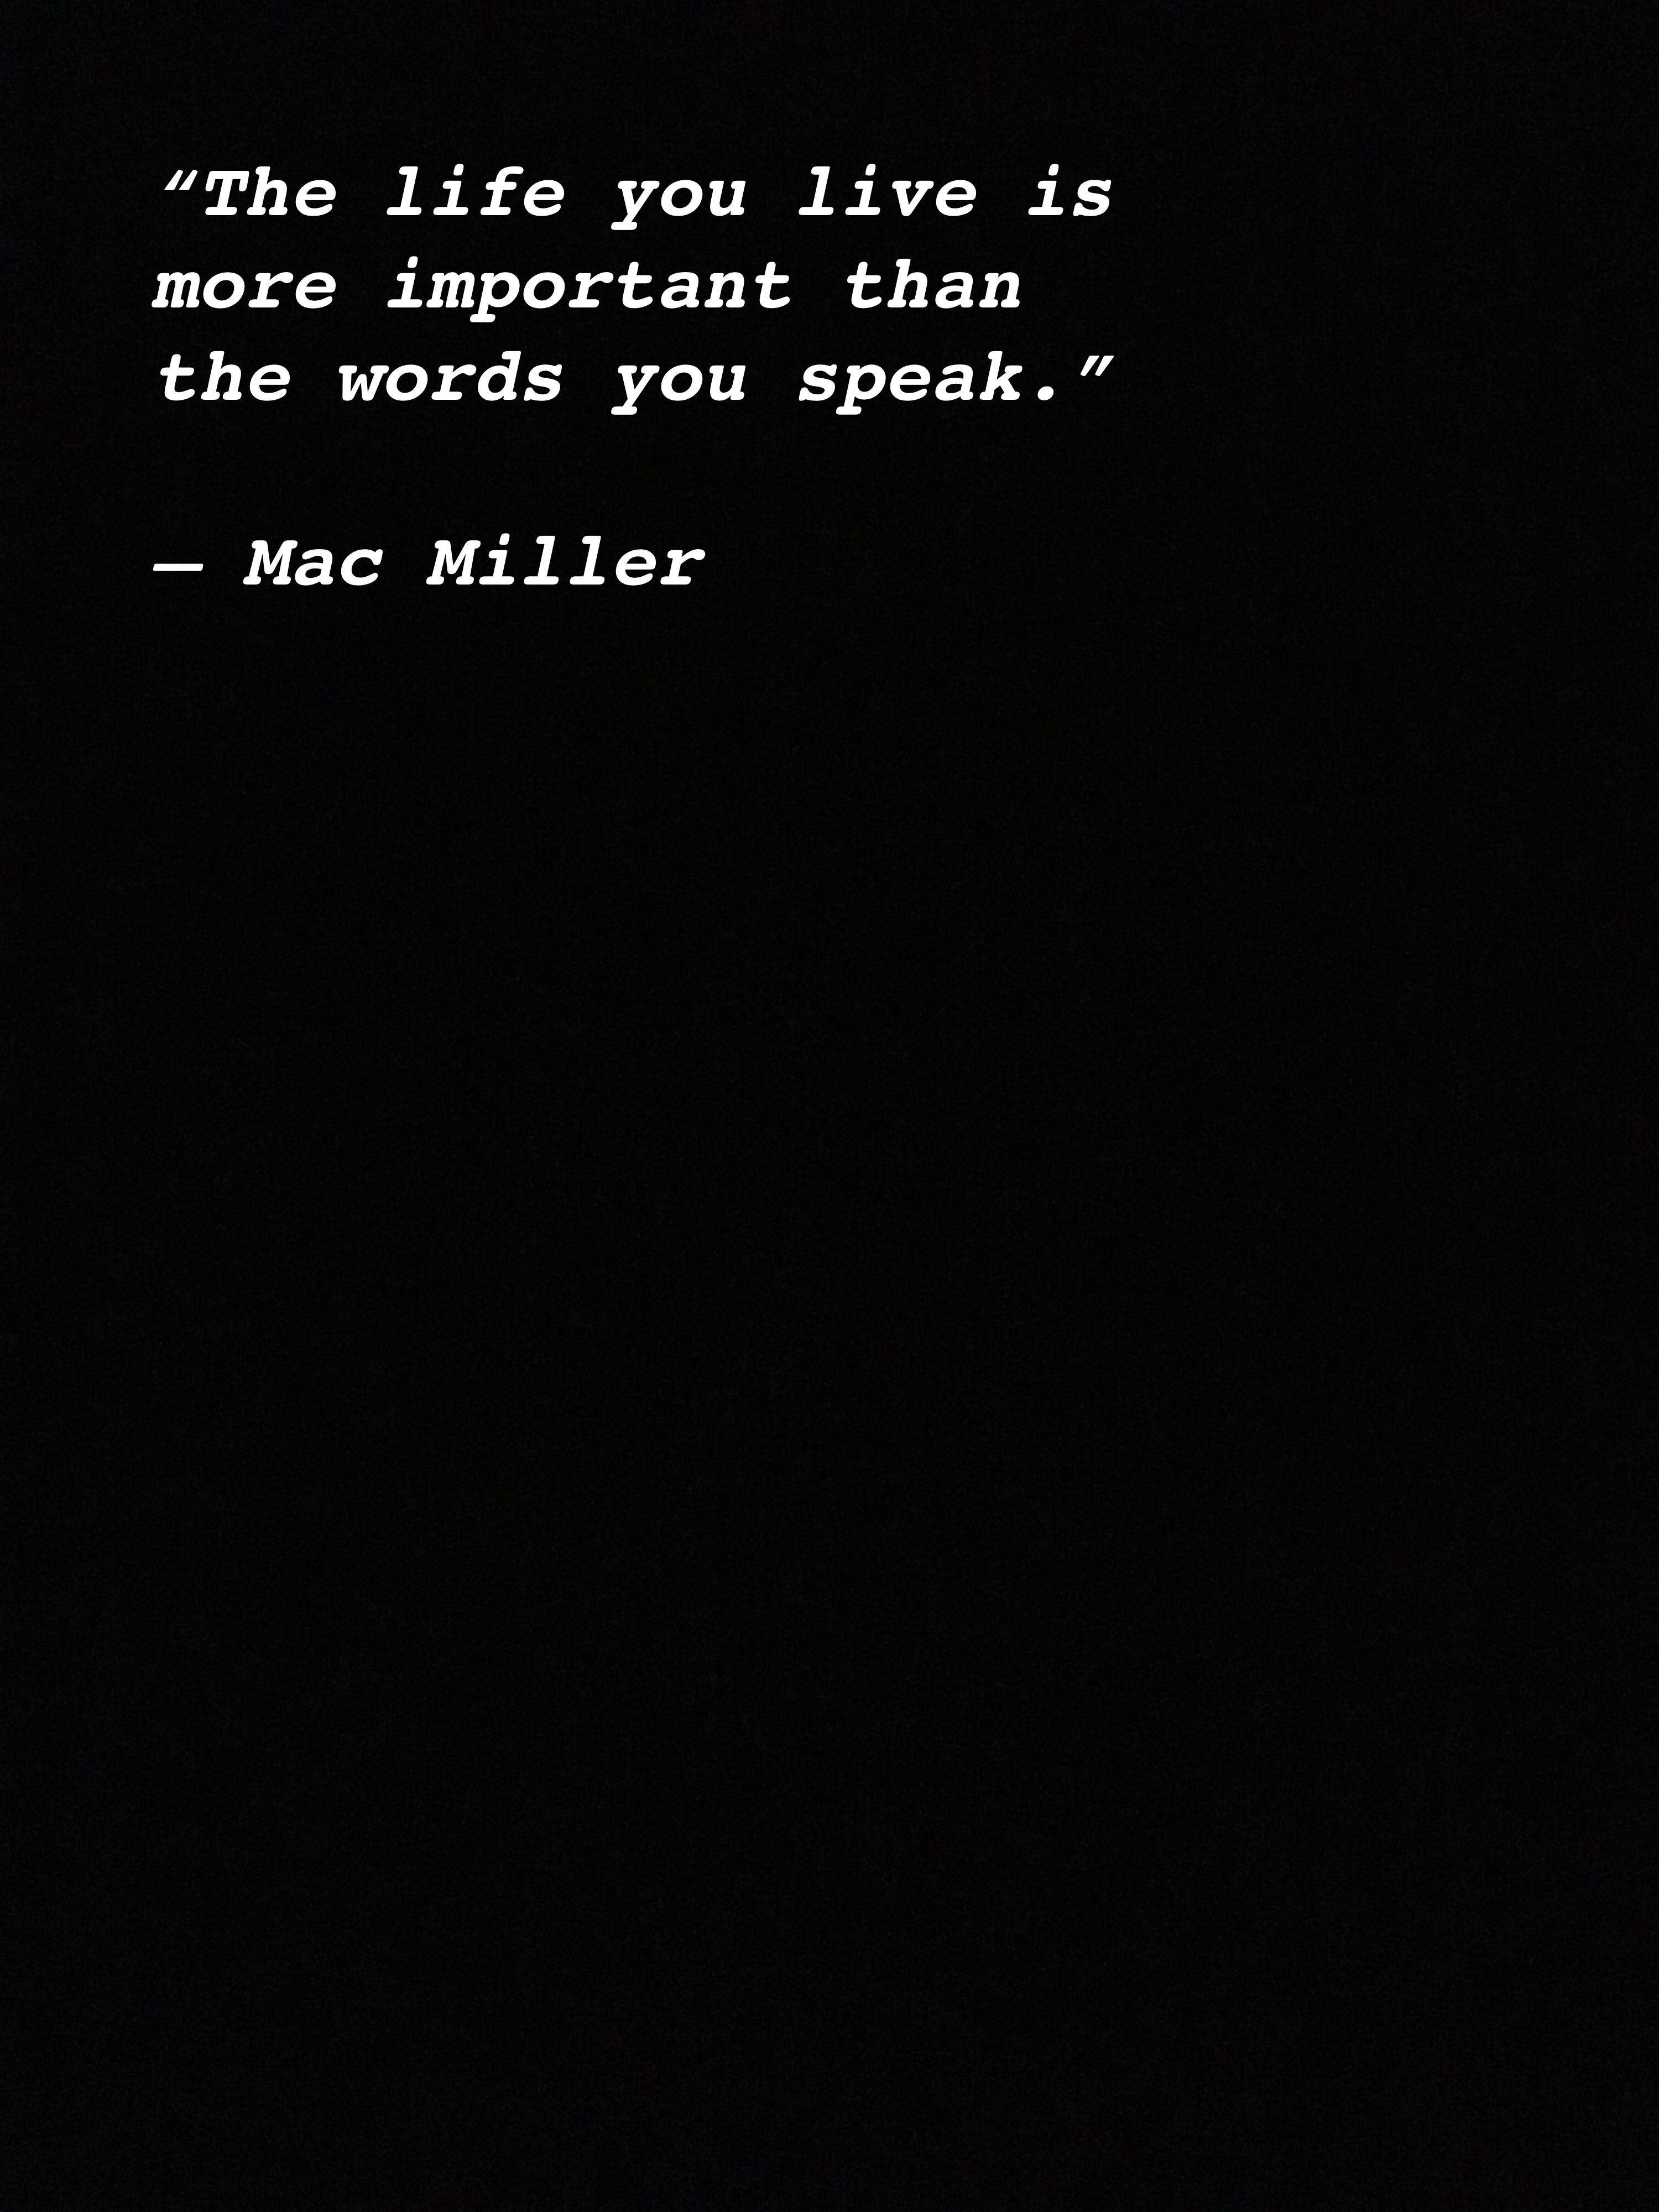 Mac Miller   Deep Quotes #macmiller Mac Miller   Deep Quotes #macmiller